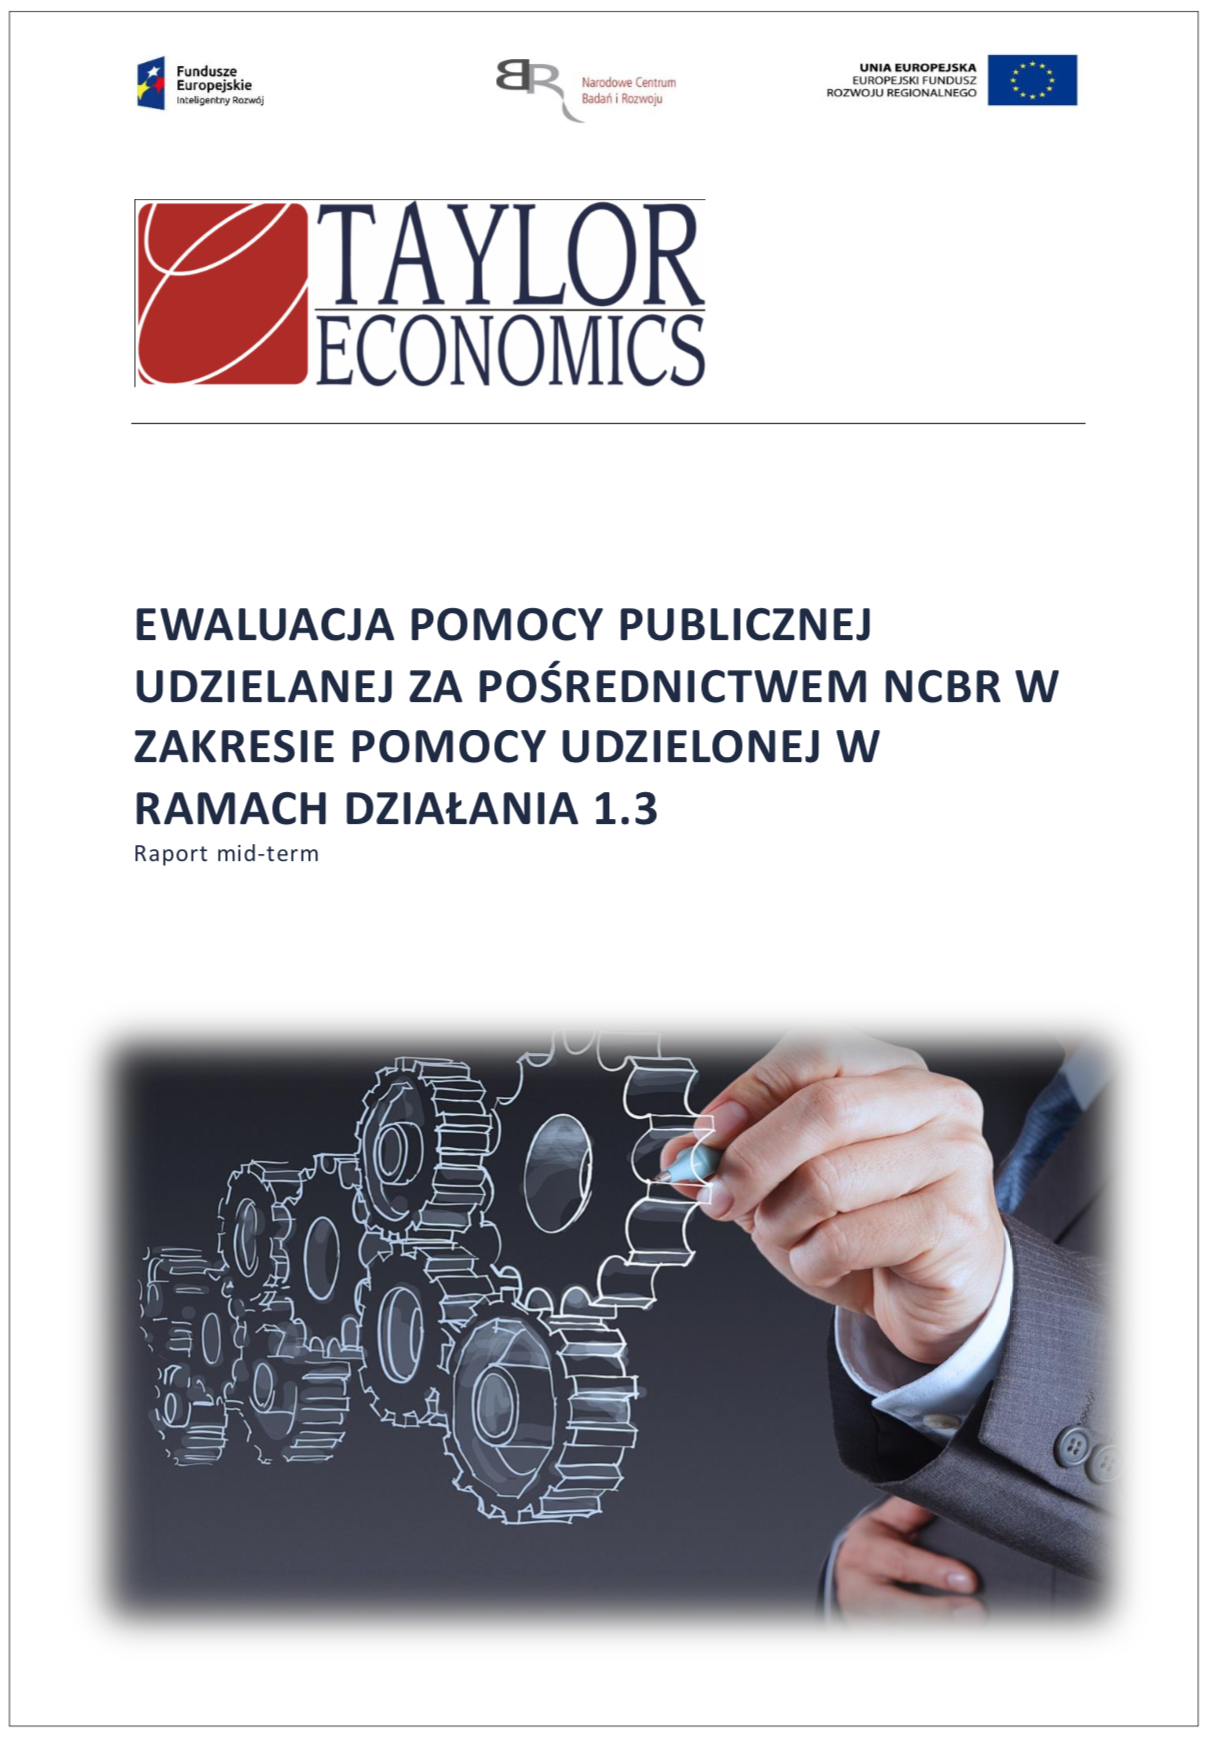 Ewaluacja pomocy publicznej udzielanej za pośrednictwem NCBR w zakresie pomocy udzielonej w ramach działania 1.3 POIR Raport mid-term